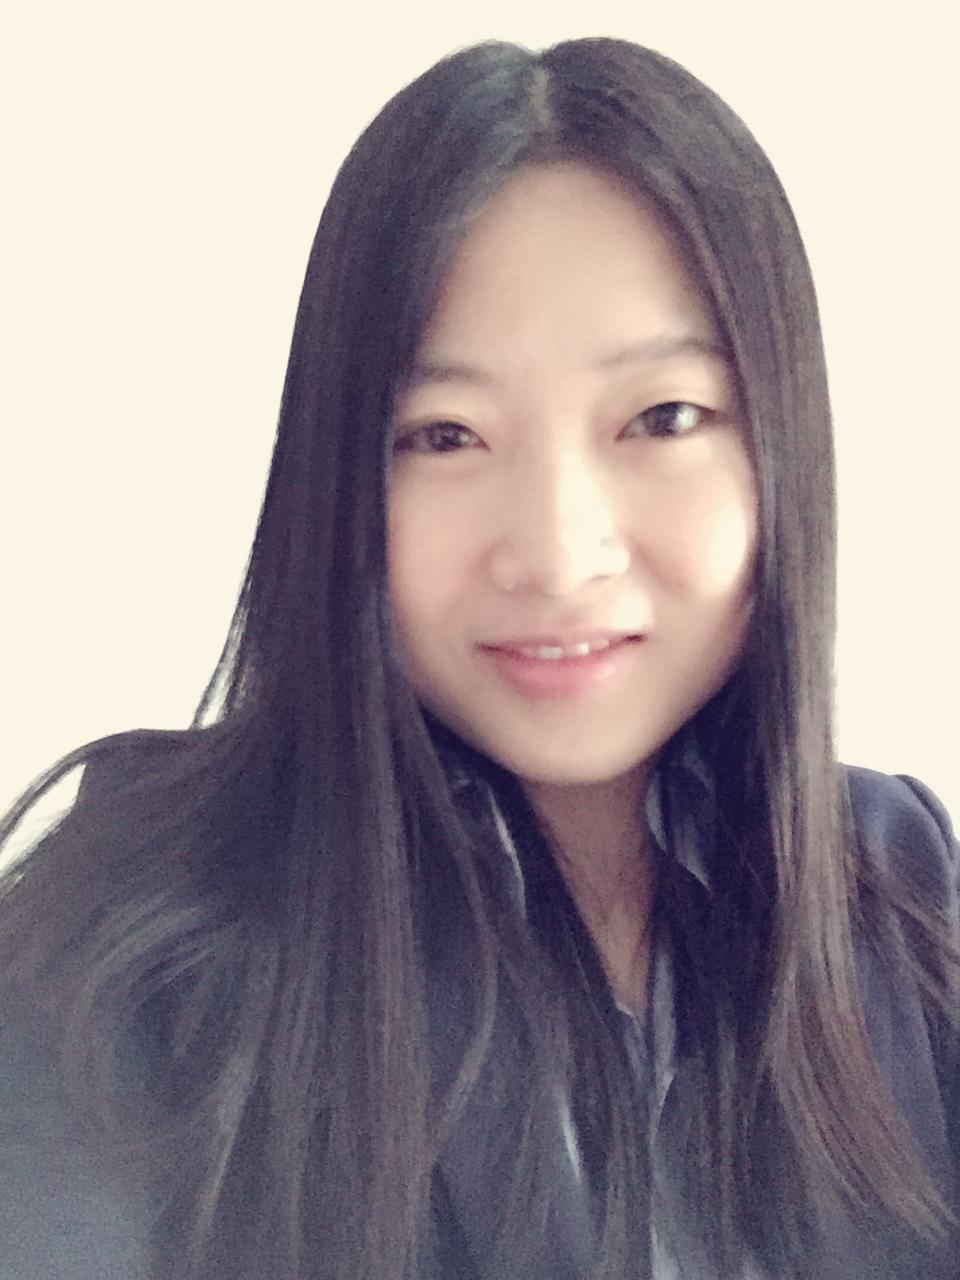 Lu Xing